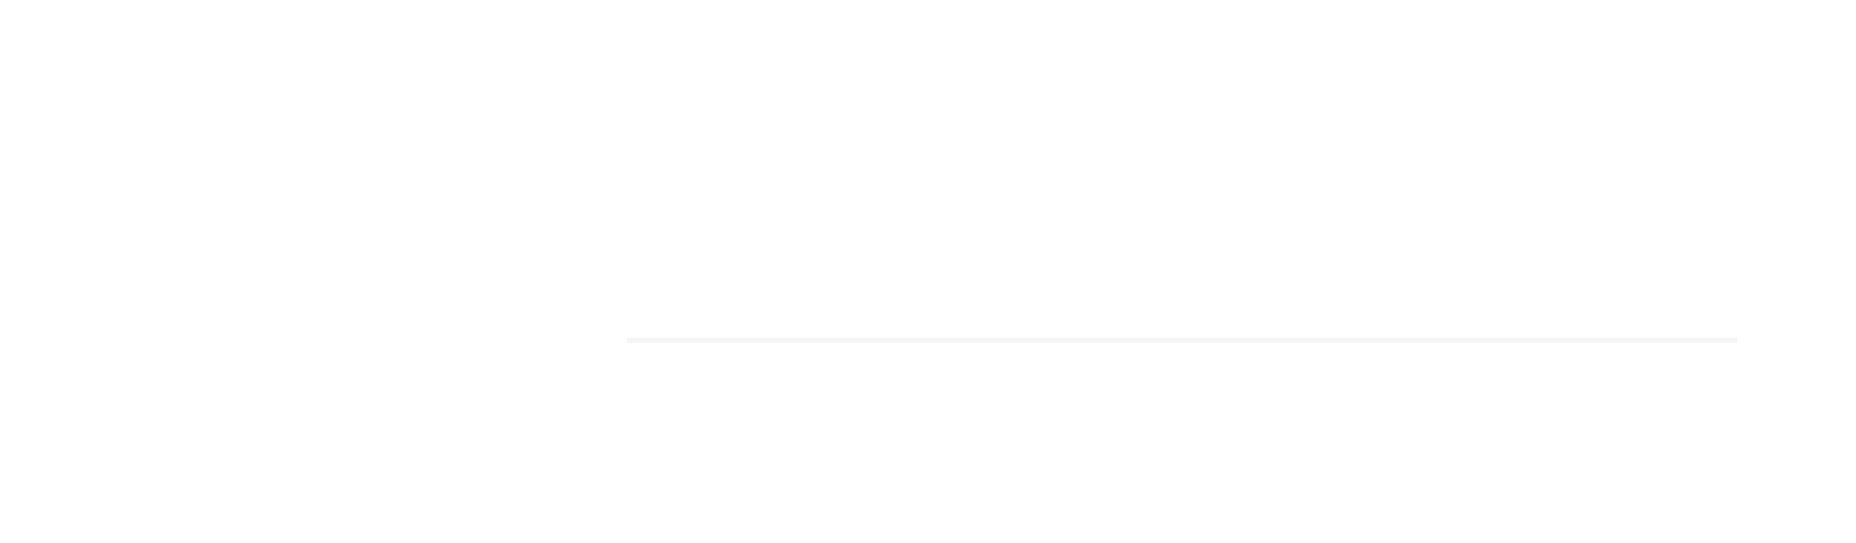 Guirado Law